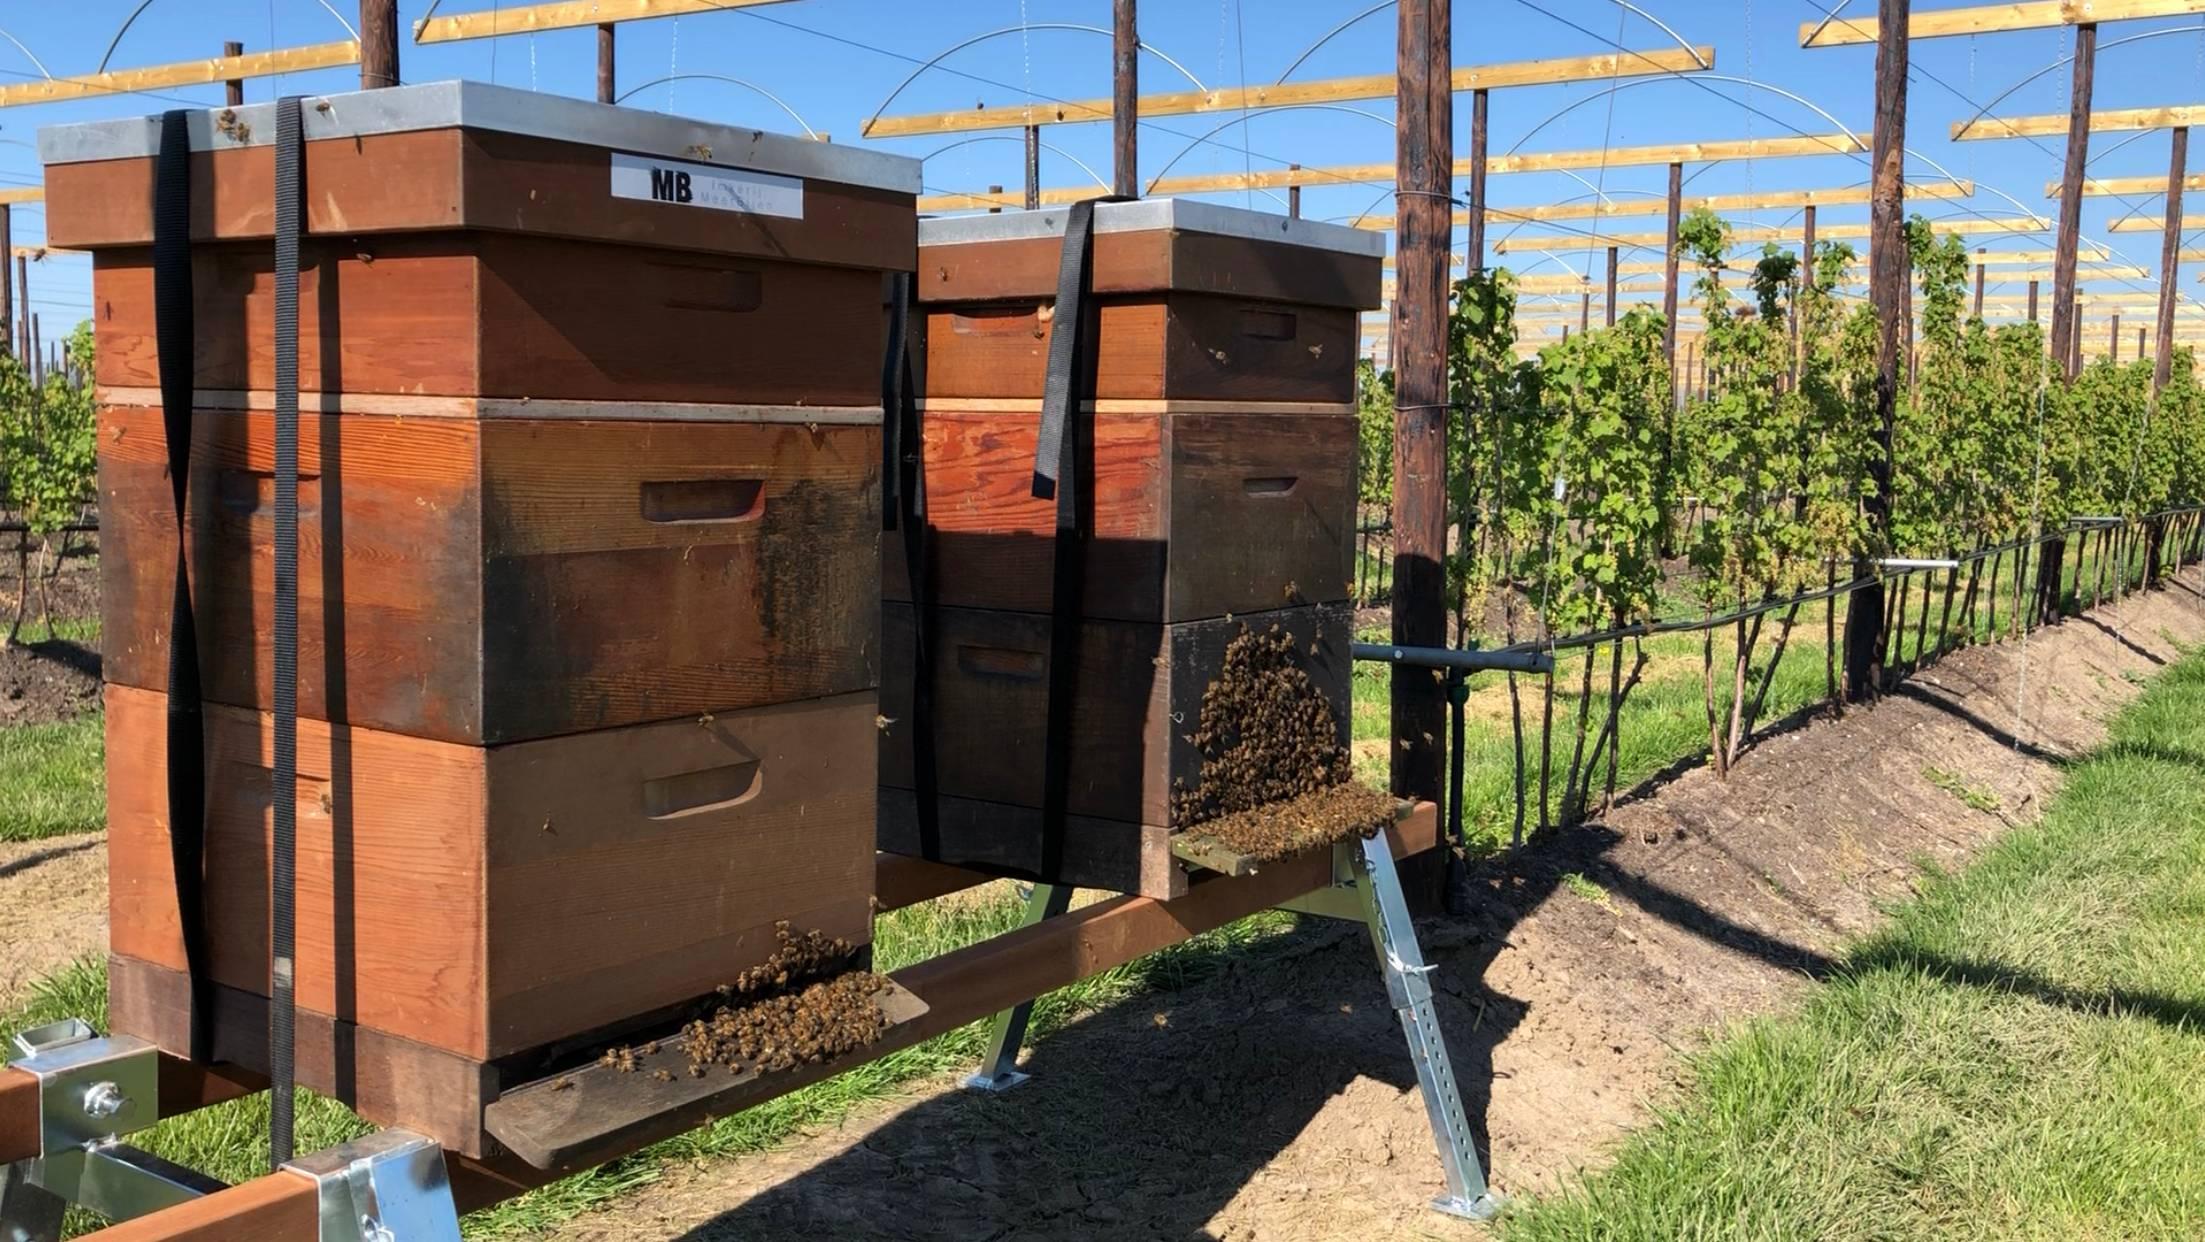 Bijenkasten van Imkerij MeerBijen op standaard